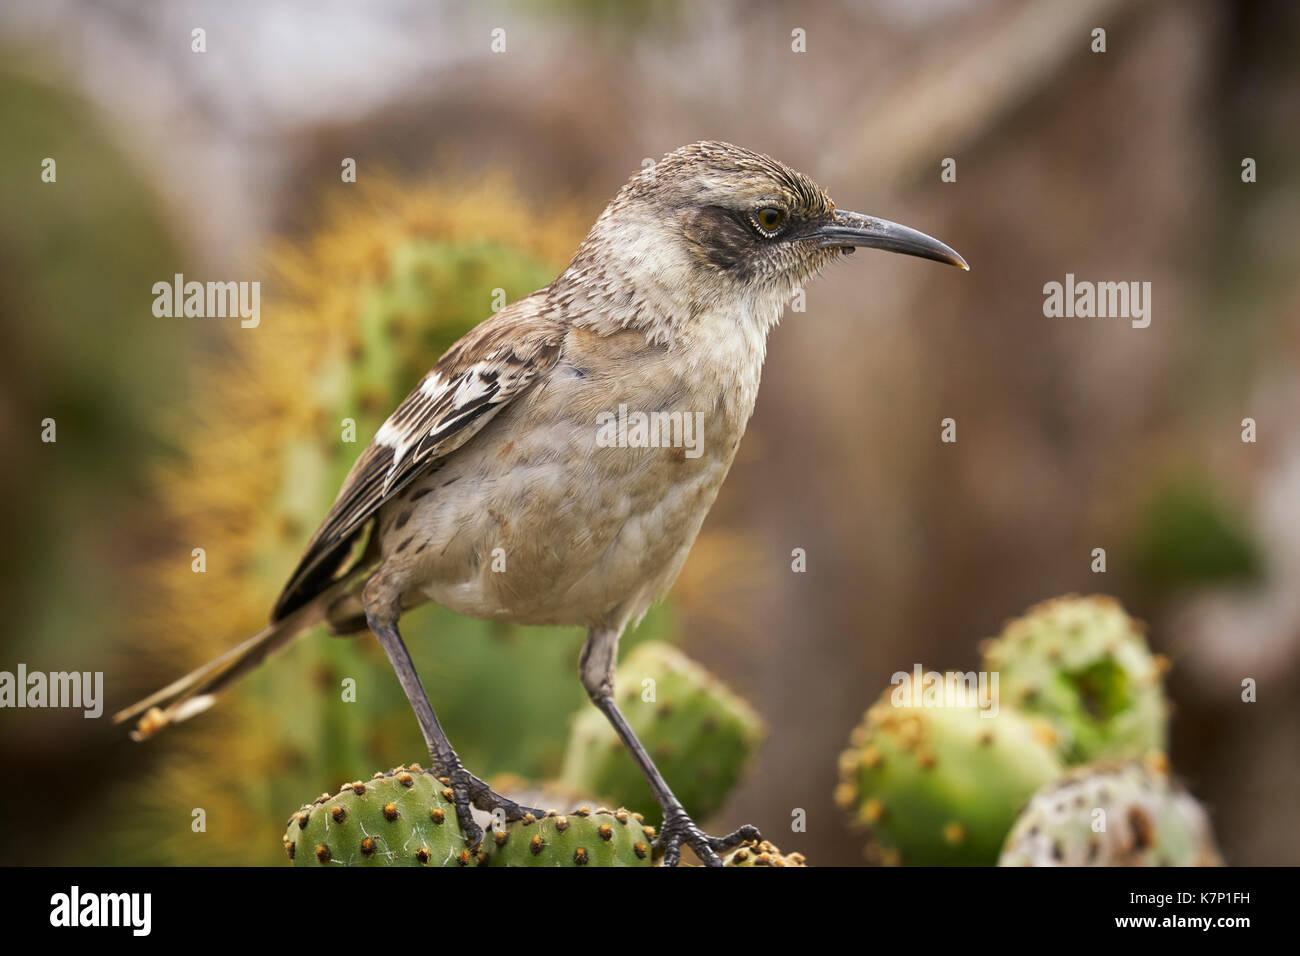 Mockingbird Galapagos dans les îles Galapagos de l'Équateur Banque D'Images